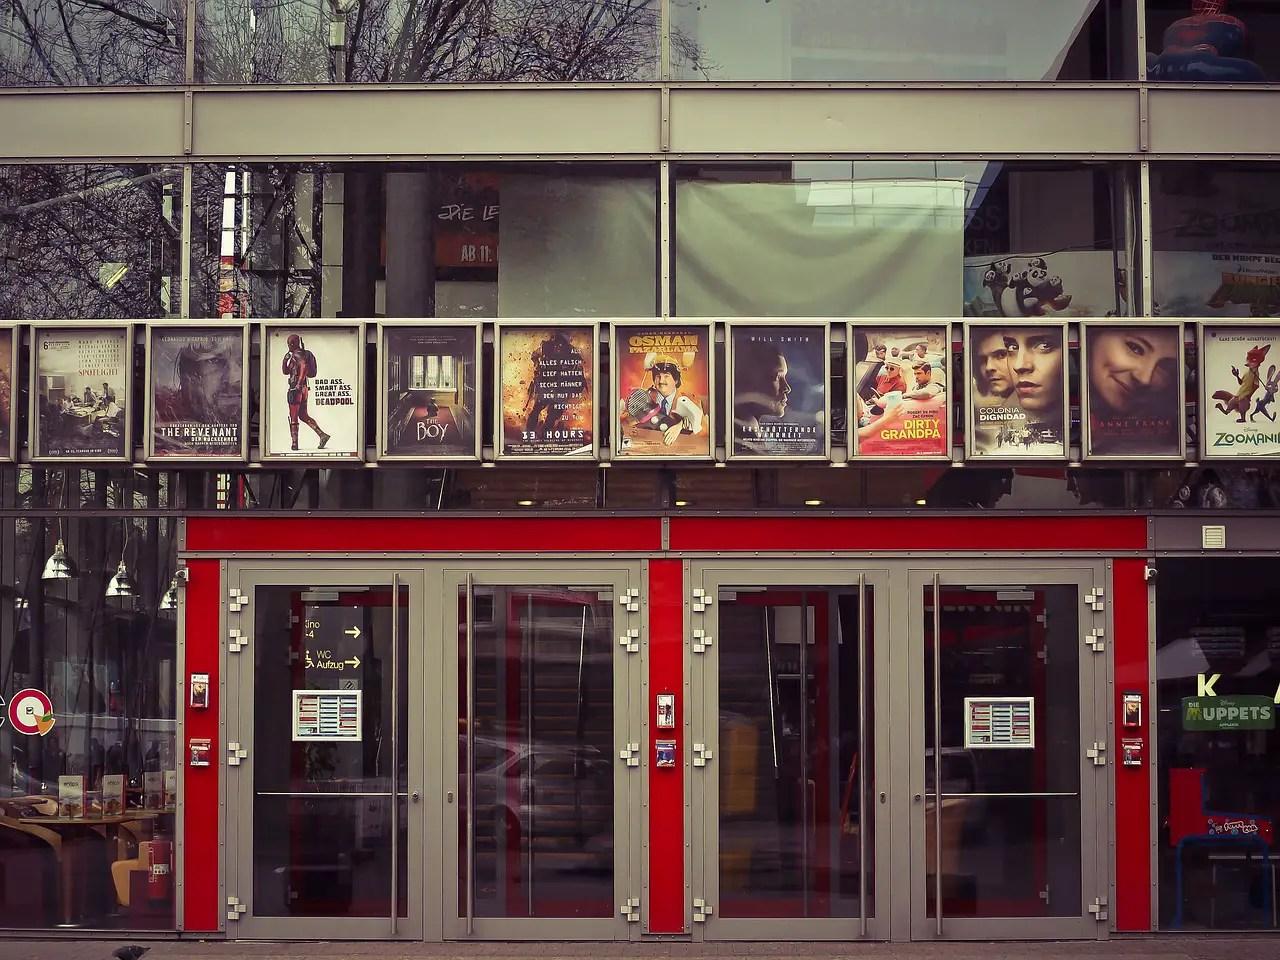 Ελληνικό Box Office: οι πιο εμπορικές ταινίες όλων των εποχών